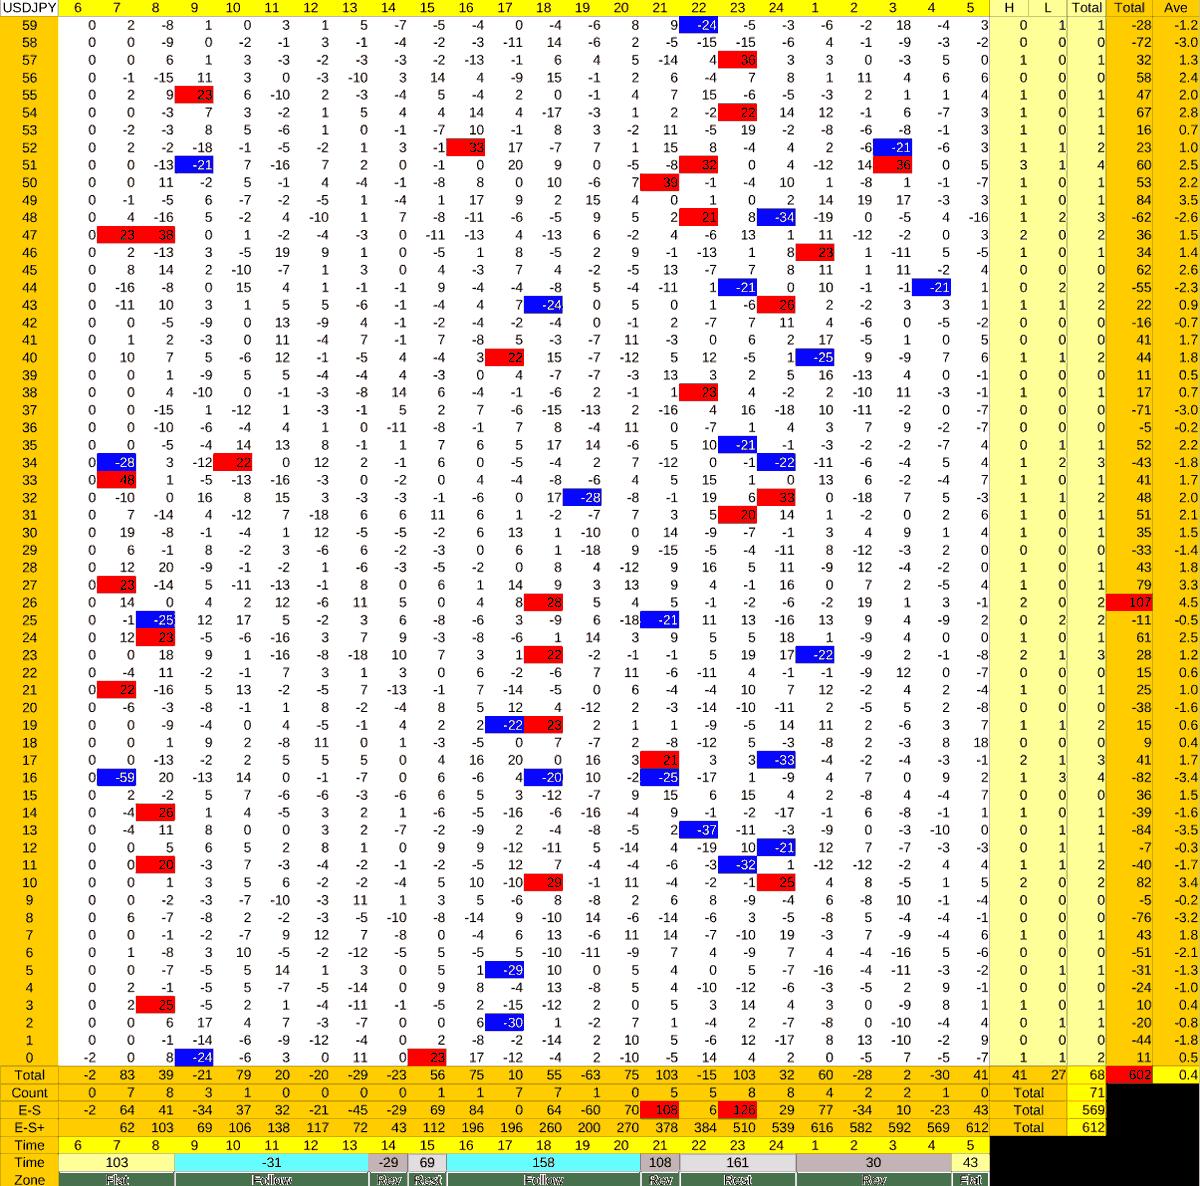 20210308_HS(1)USDJPY